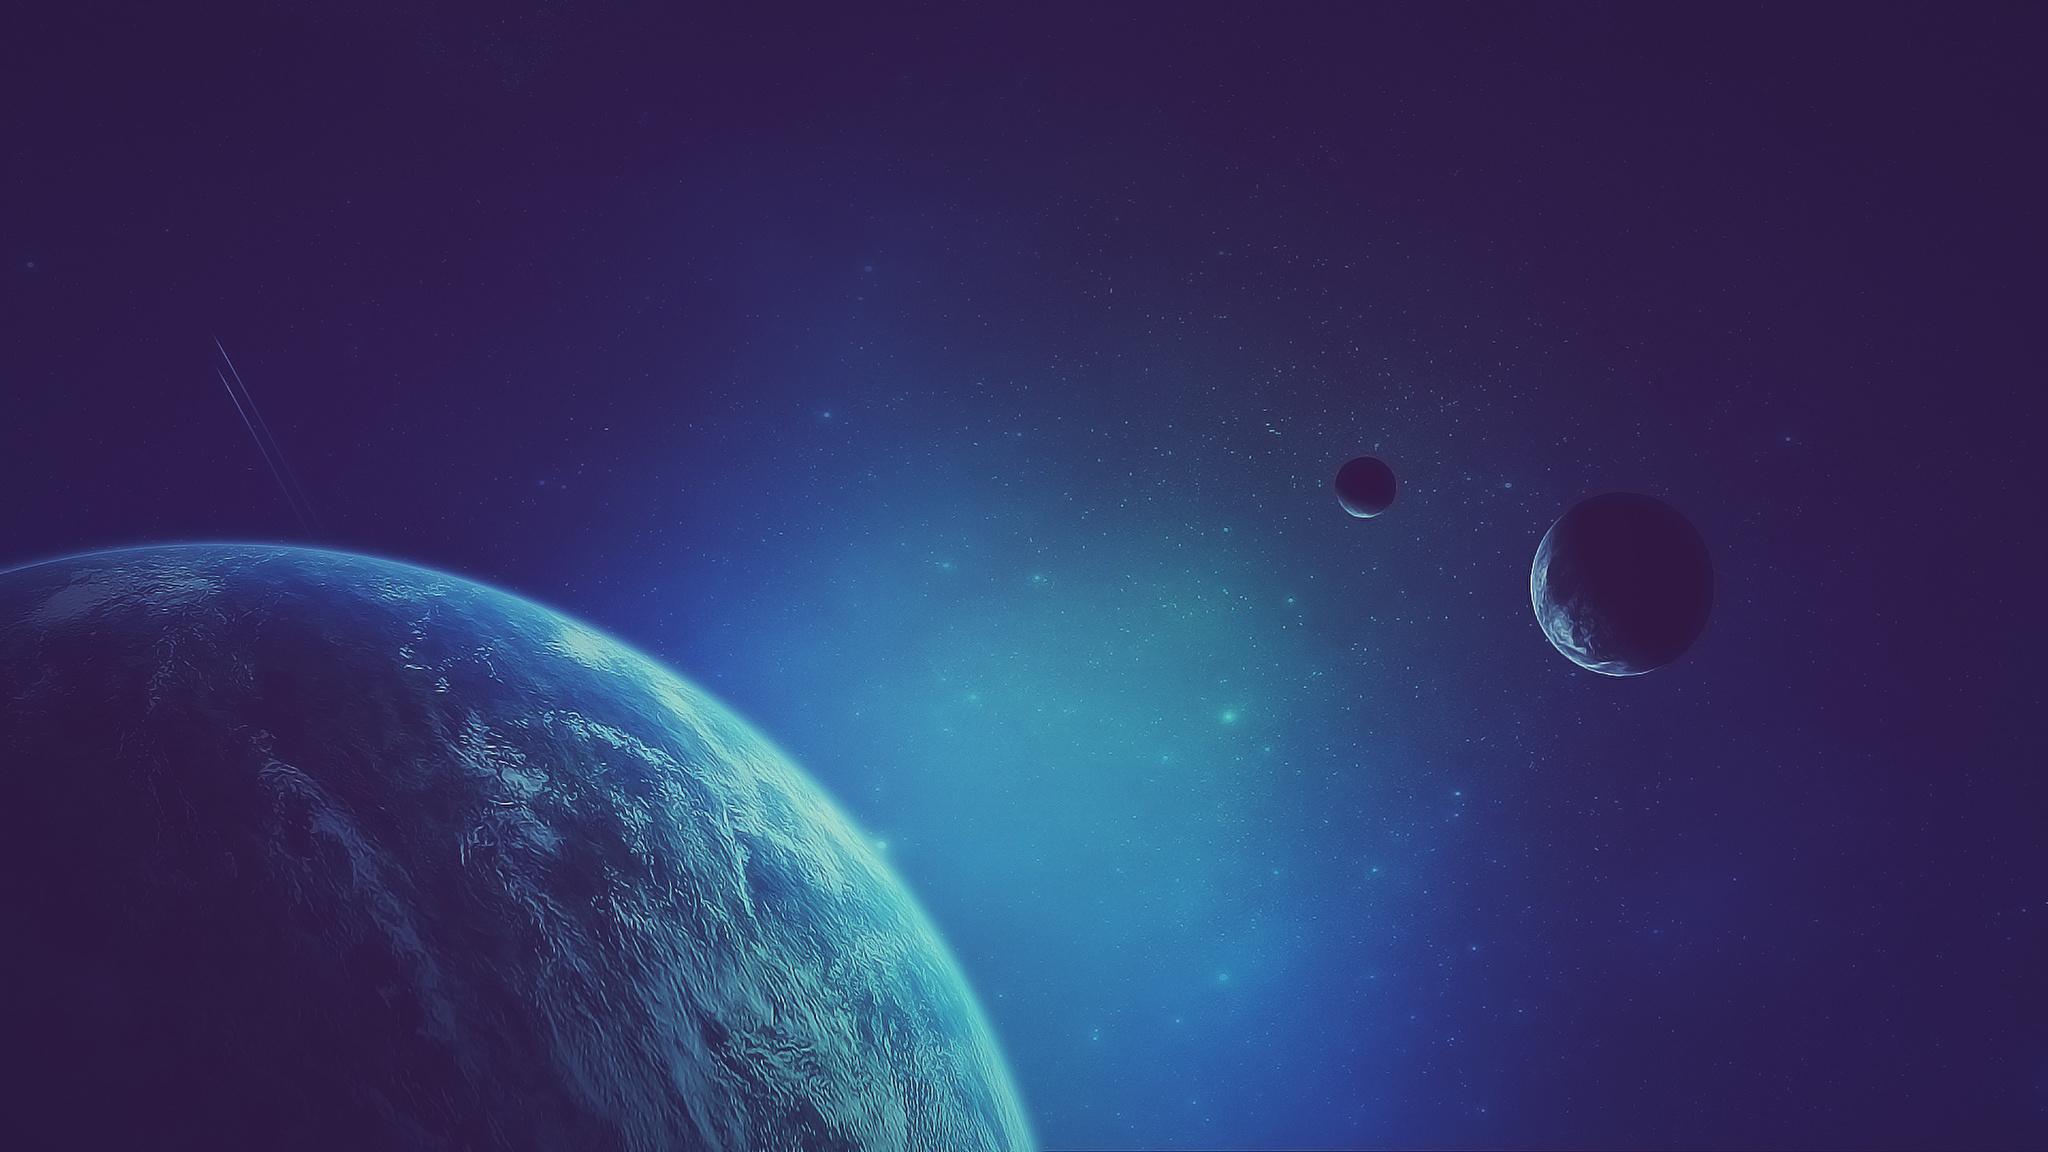 Обои космос планета корабль картинки на рабочий стол на тему Космос - скачать  № 3125512 без смс